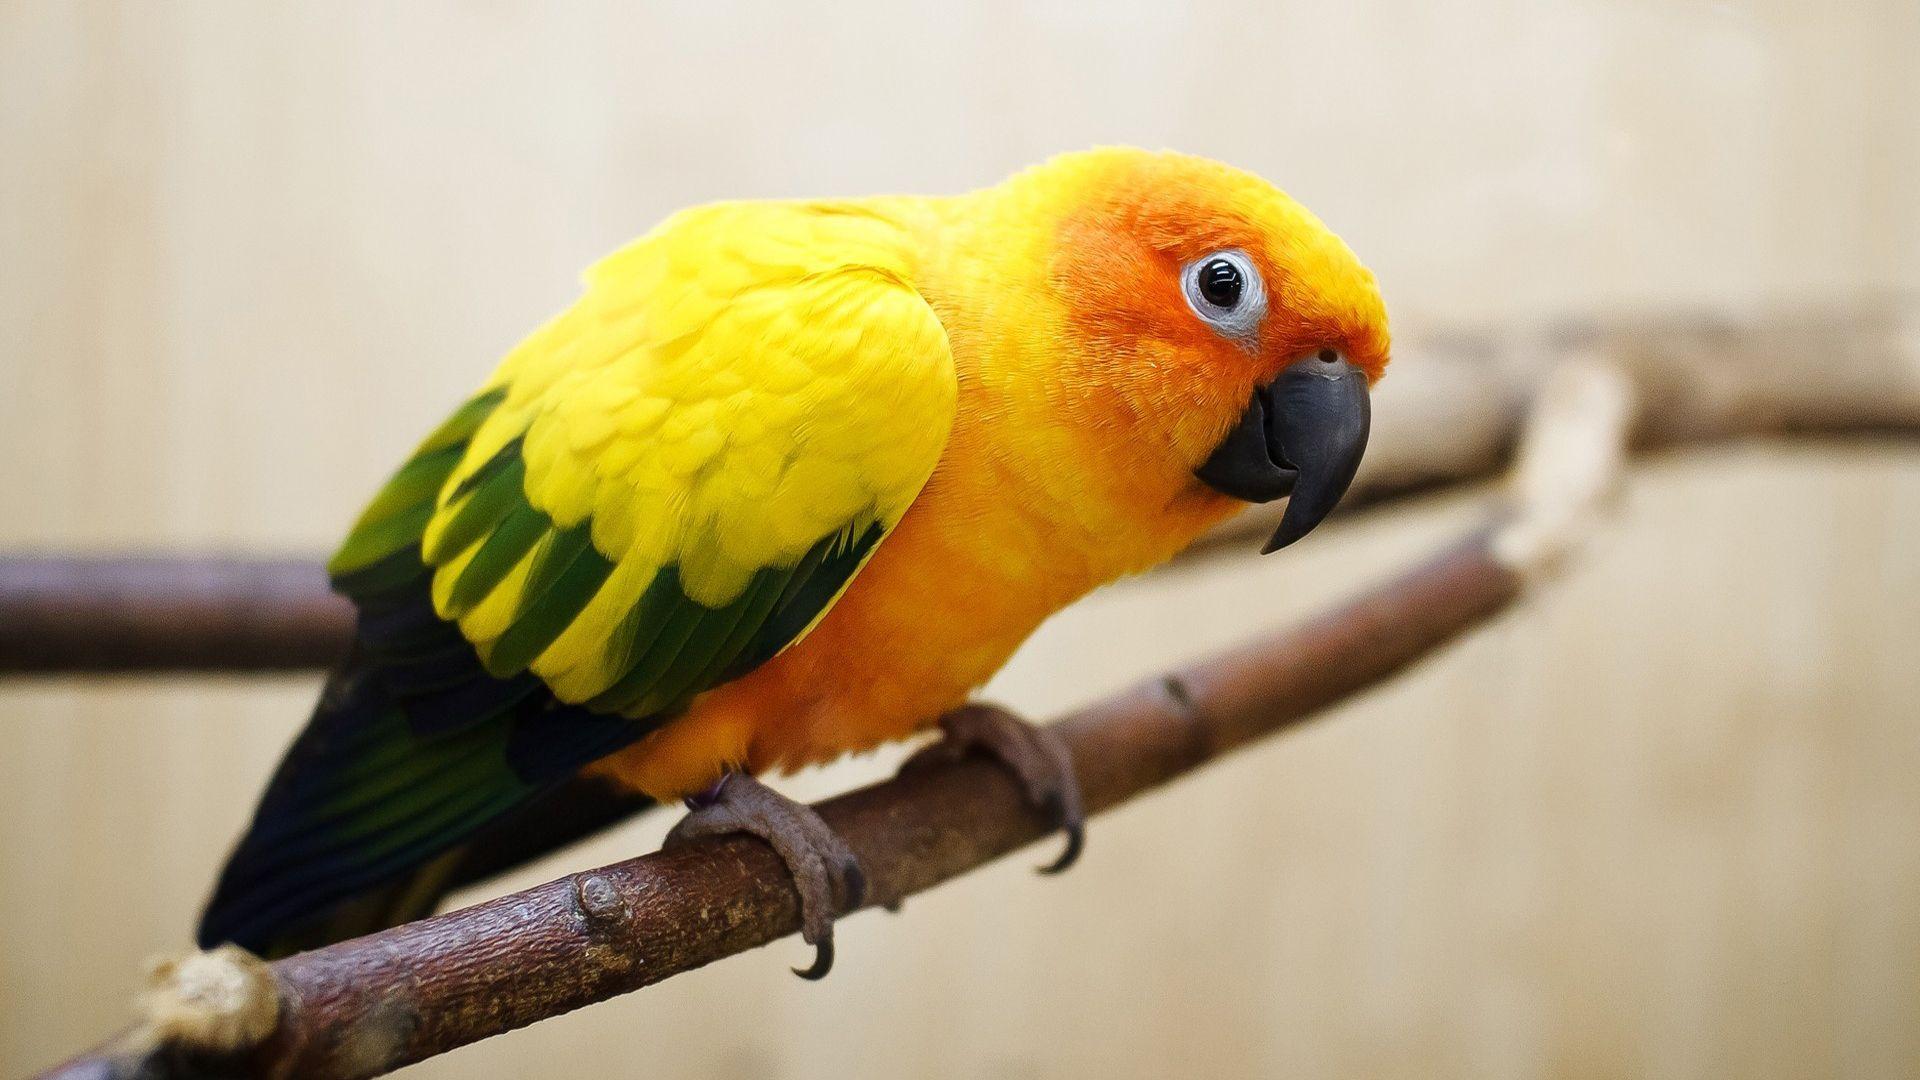 City Parrotss favorites   Parrot, Parrot image, Pet birds